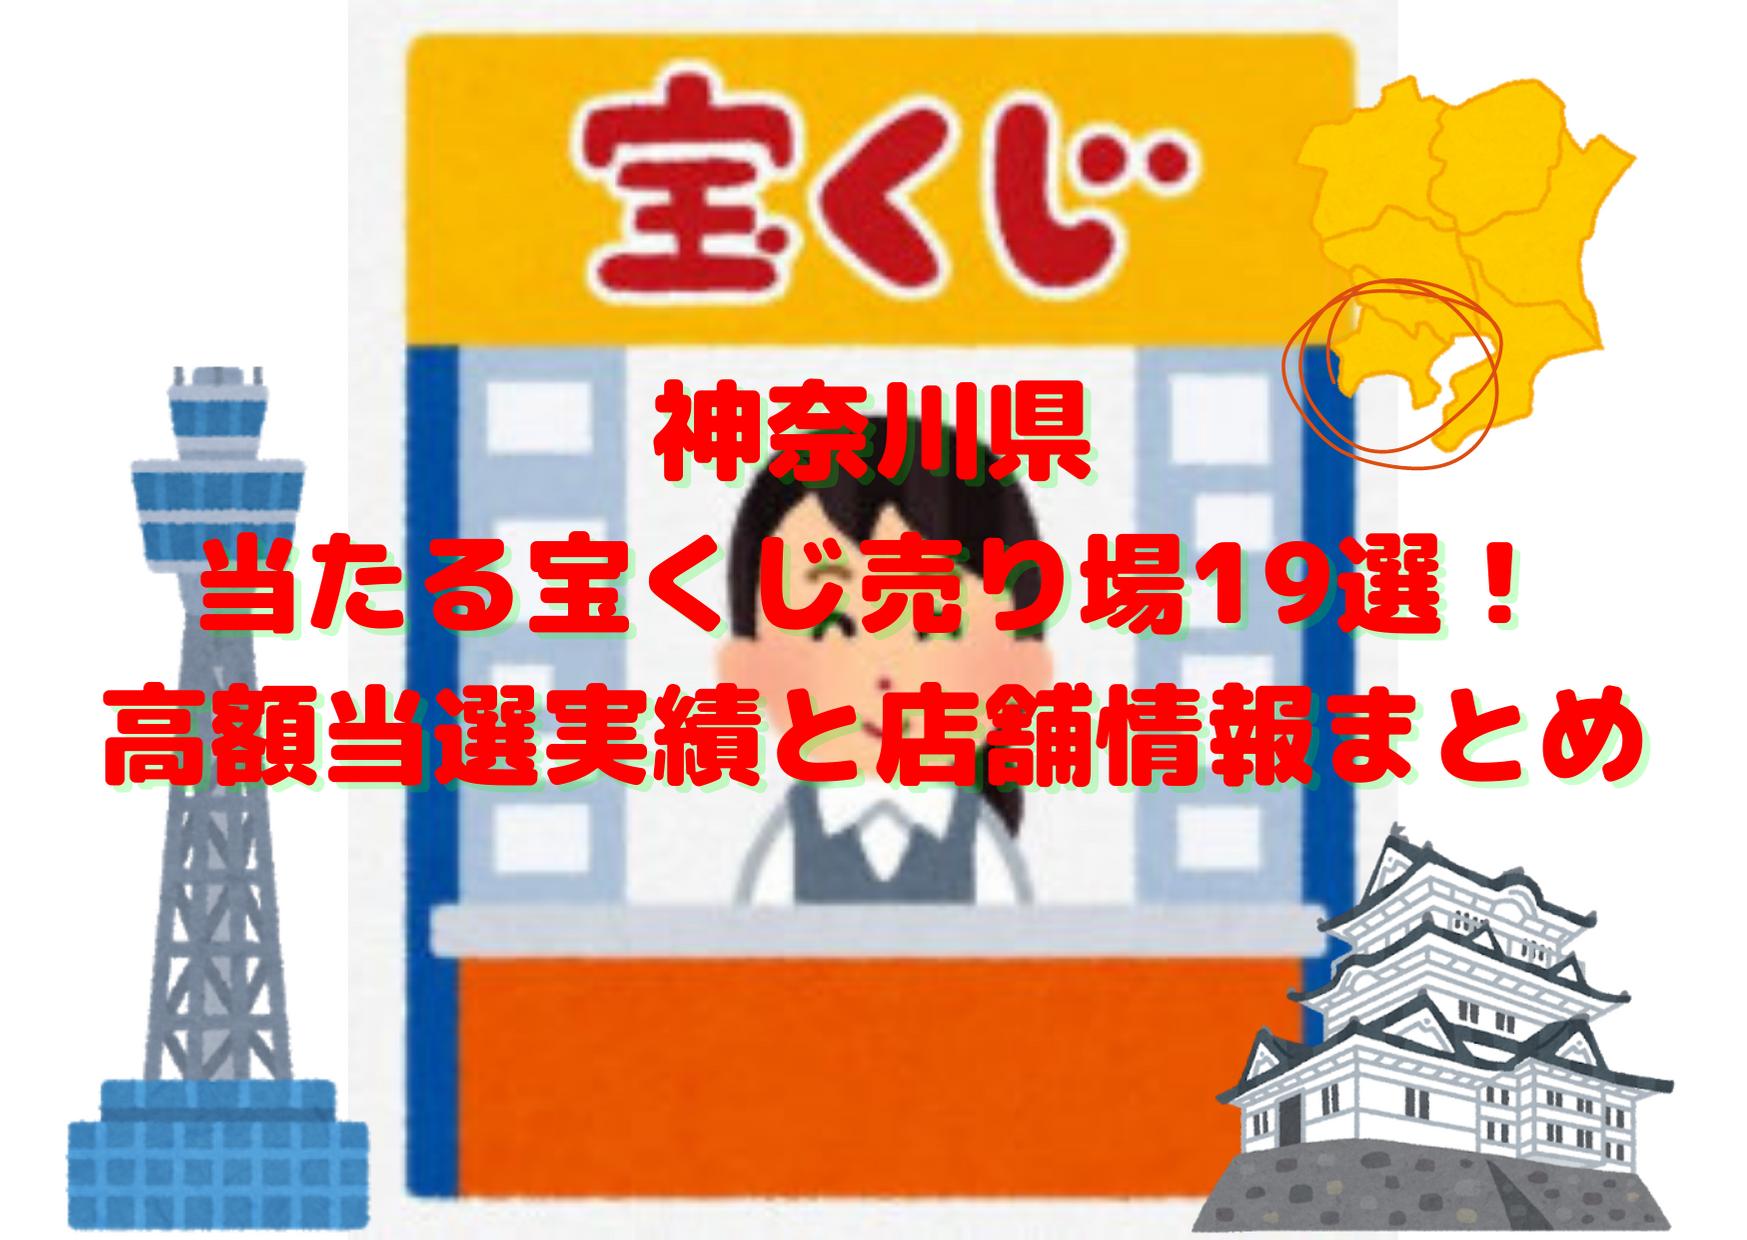 神奈川県で当たる宝くじ売り場